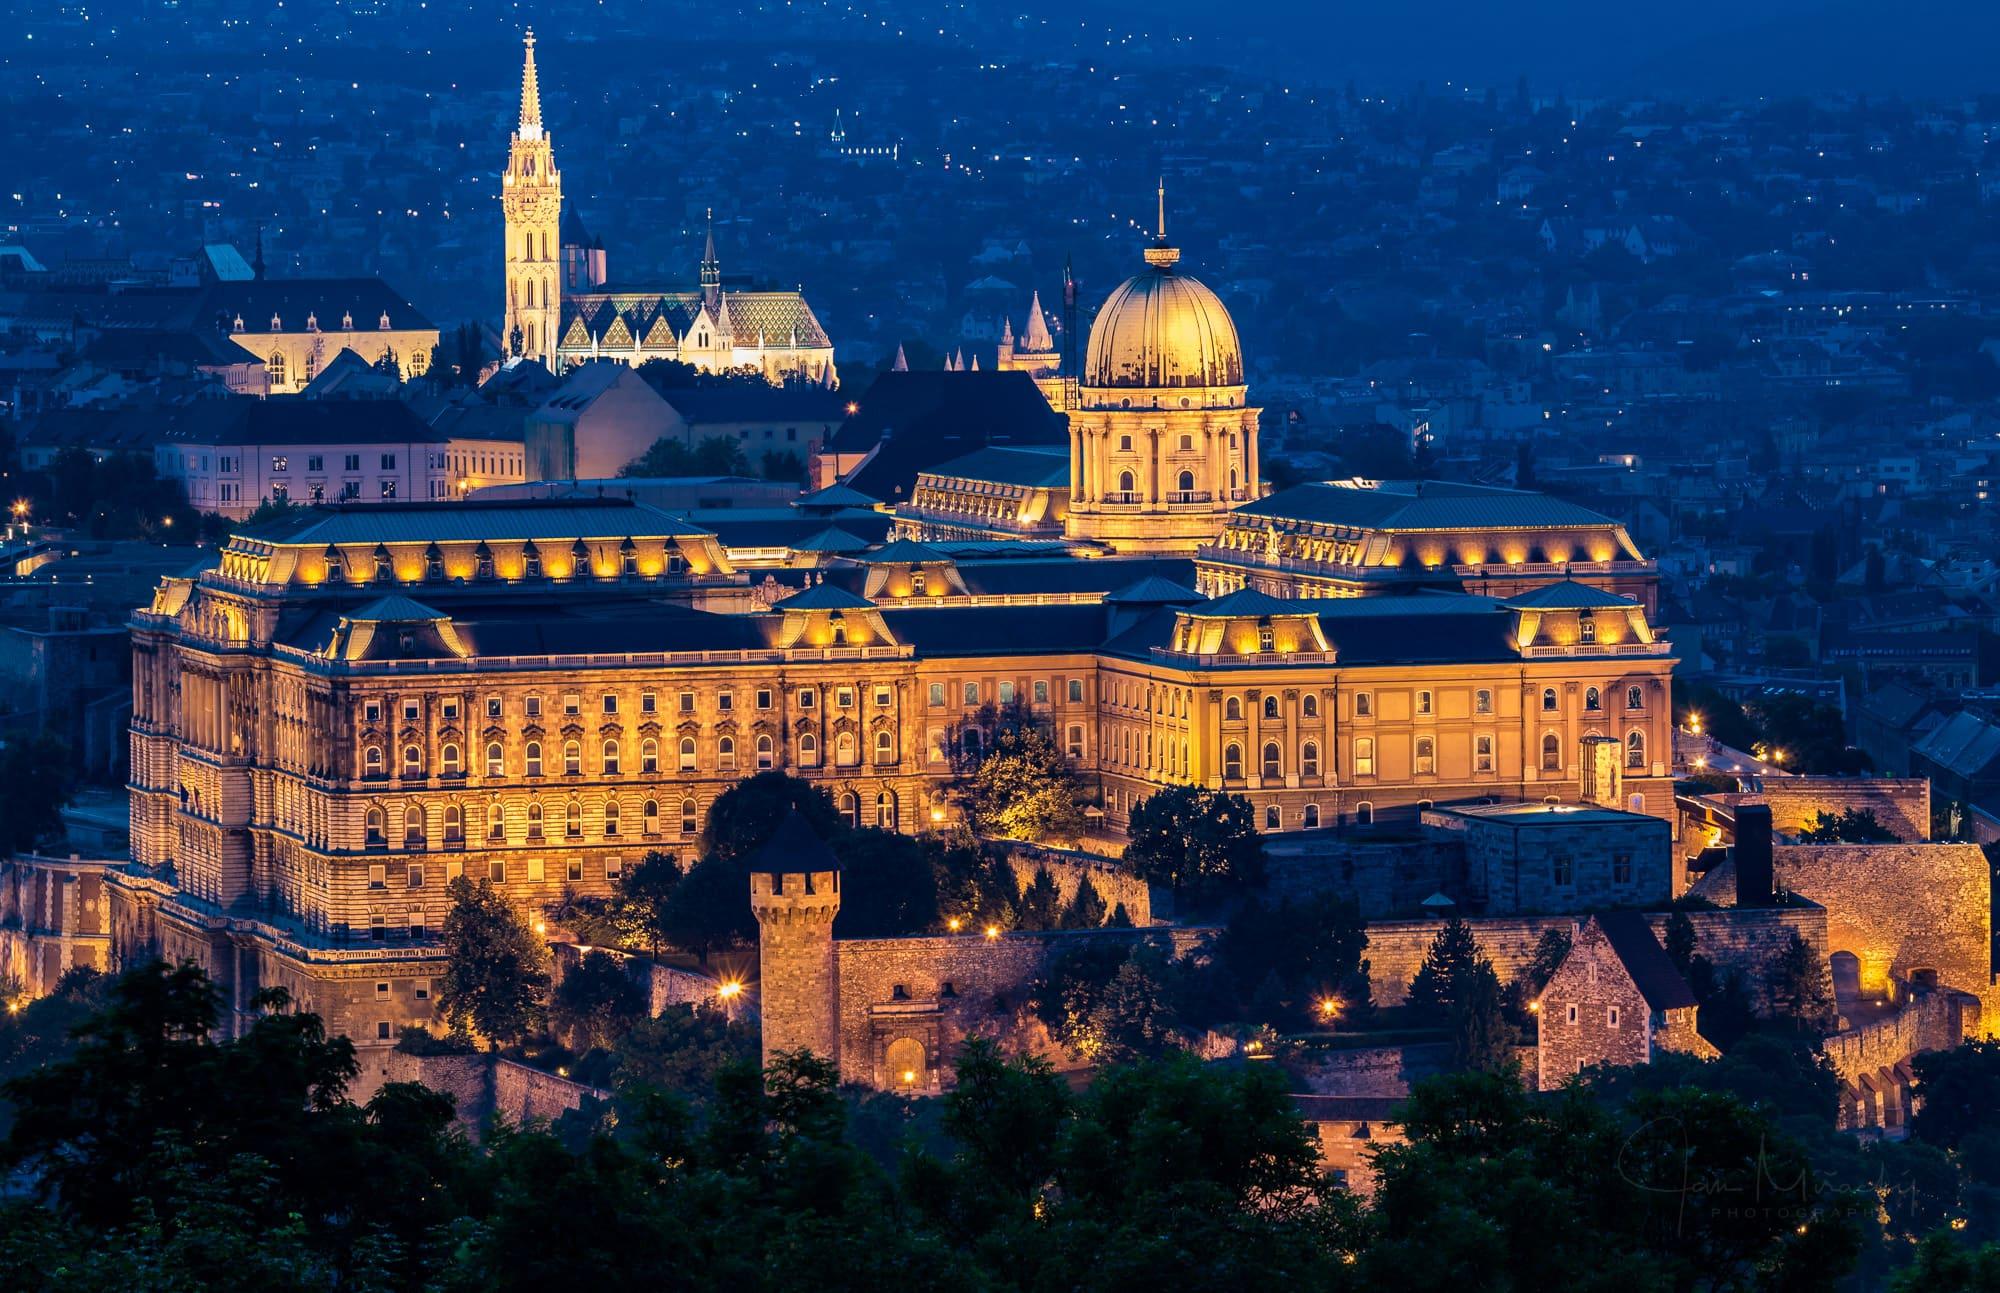 Buda castle at twilight